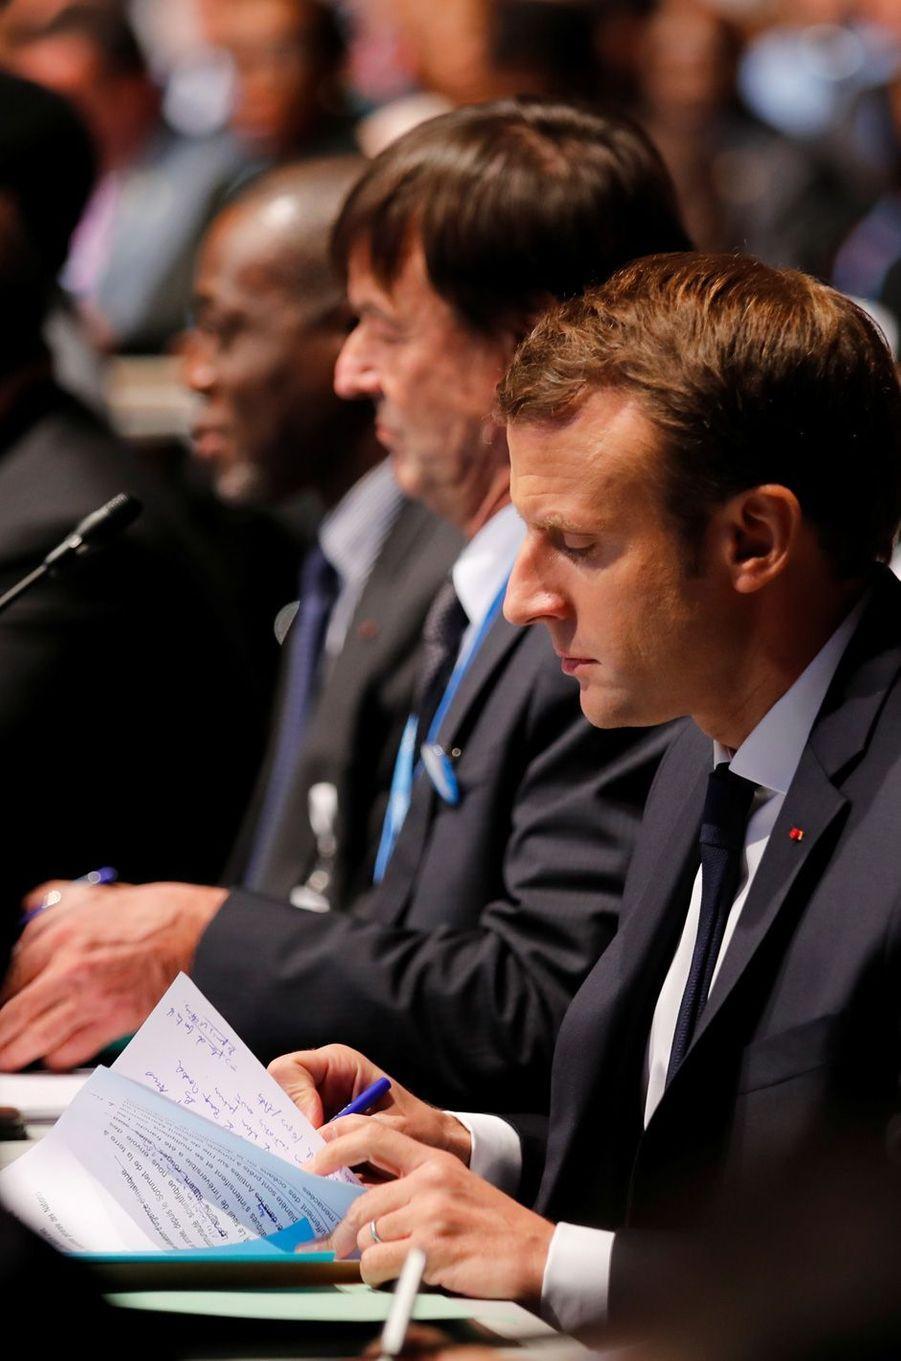 Nicolas Hulot et Emmanuel Macron au World Convention Center de Bonn pour la COP23, en début d'après-midi le 15 novembre 2017.